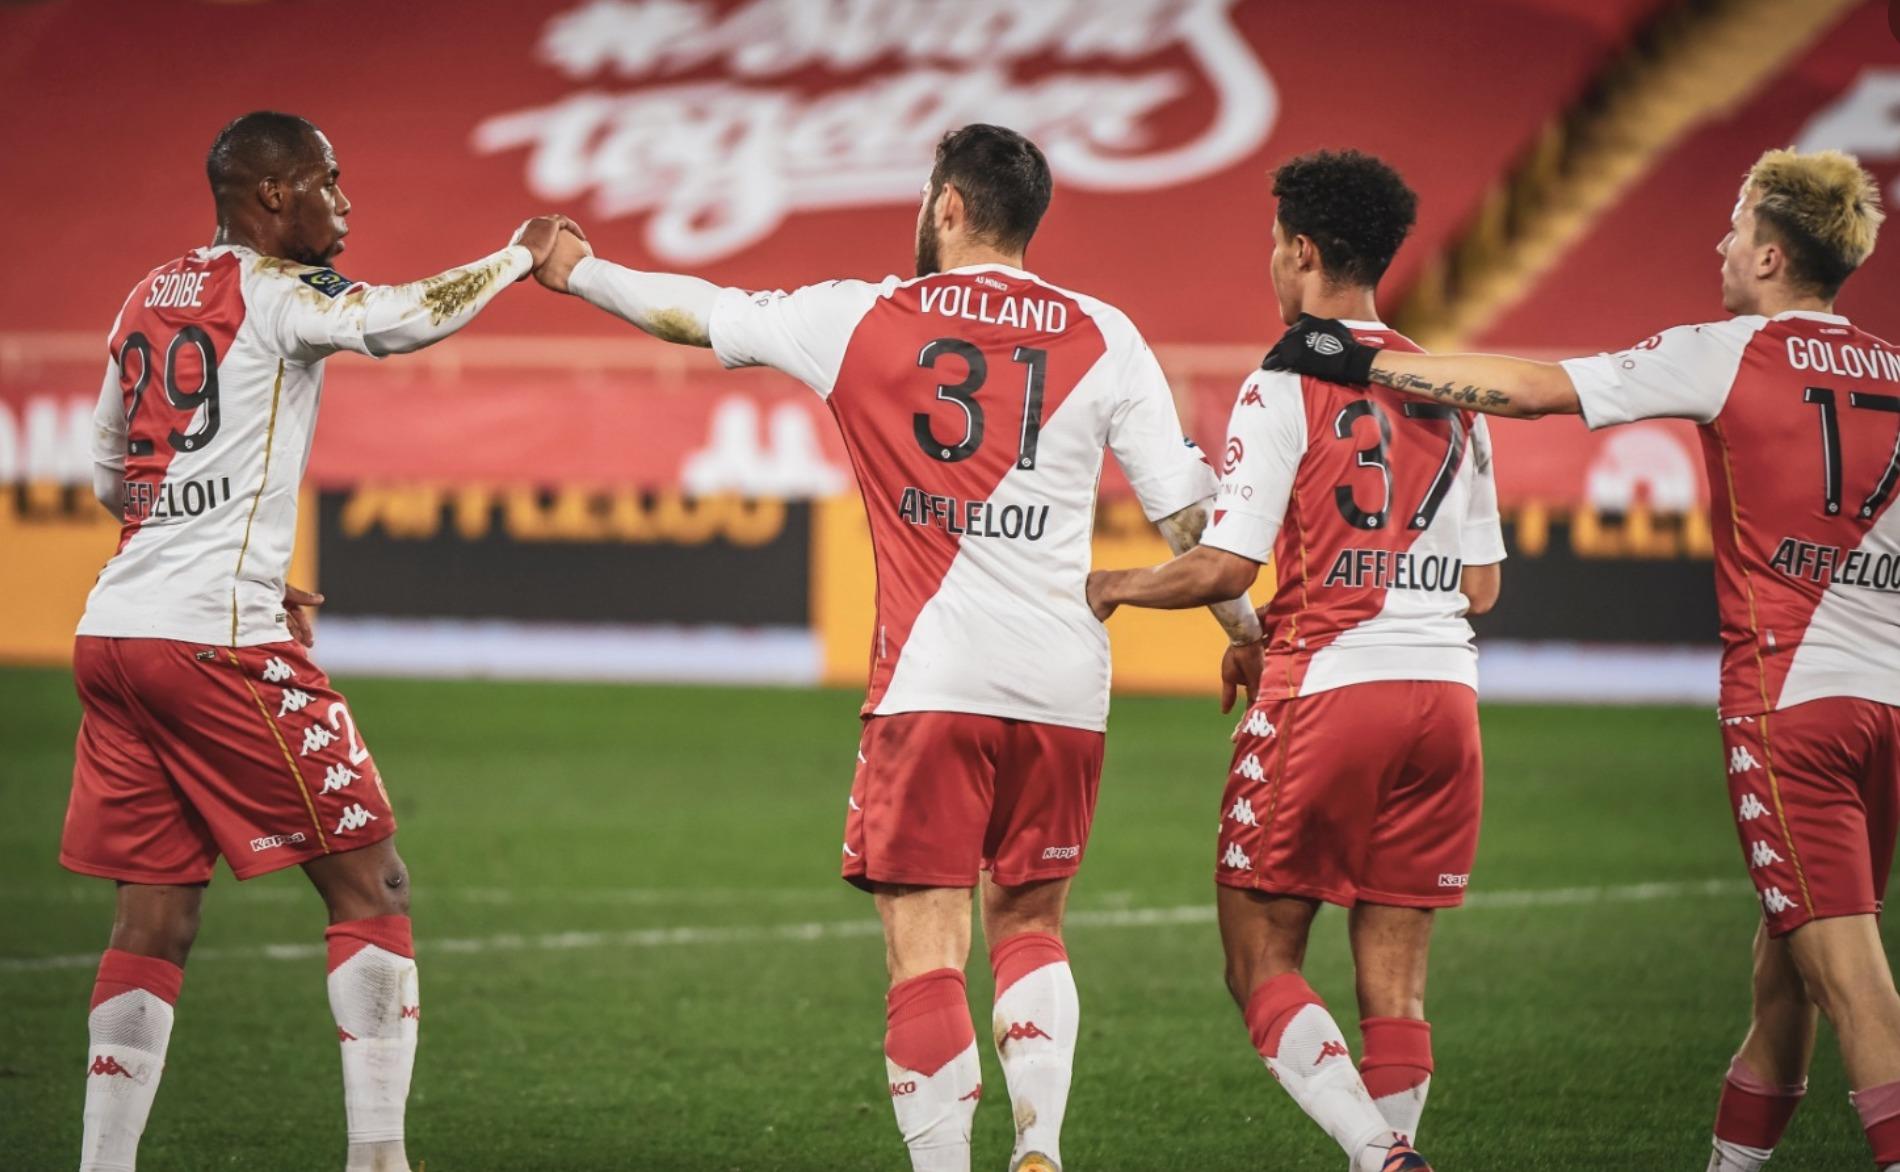 Ligue 1 – 19ème j. | Les notes de Monaco - Angers (3-0) 1